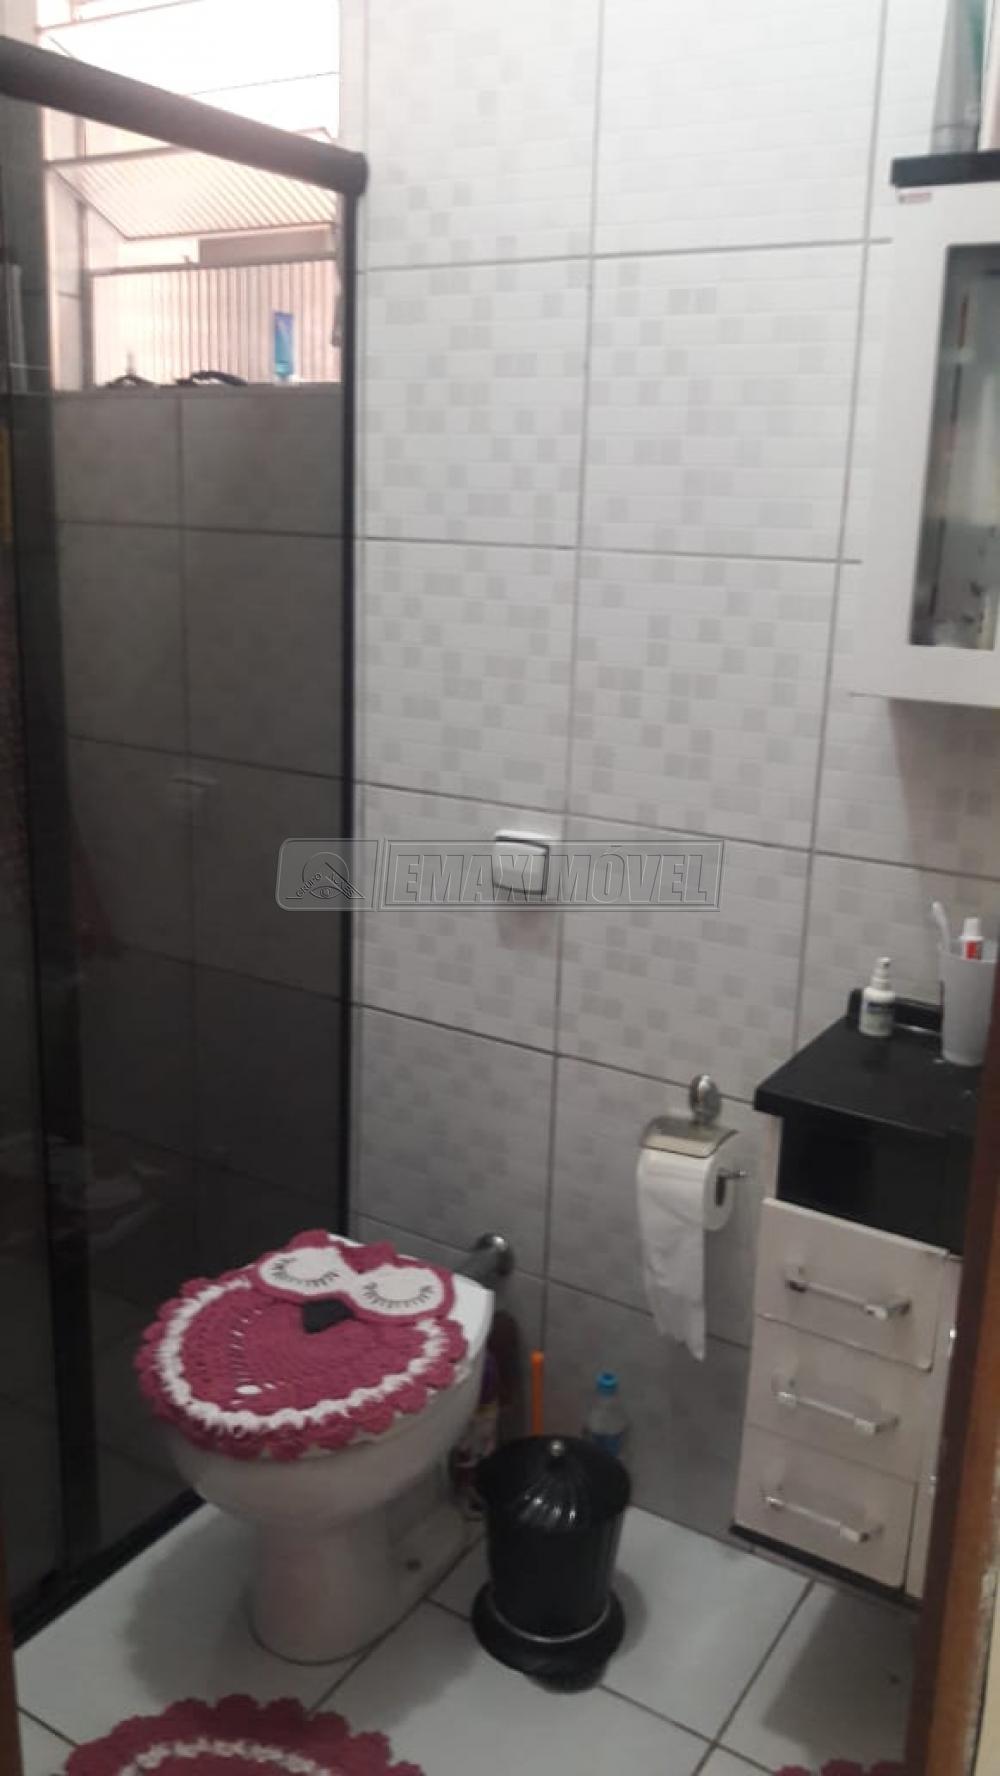 Comprar Casas / em Bairros em Sorocaba apenas R$ 235.000,00 - Foto 5